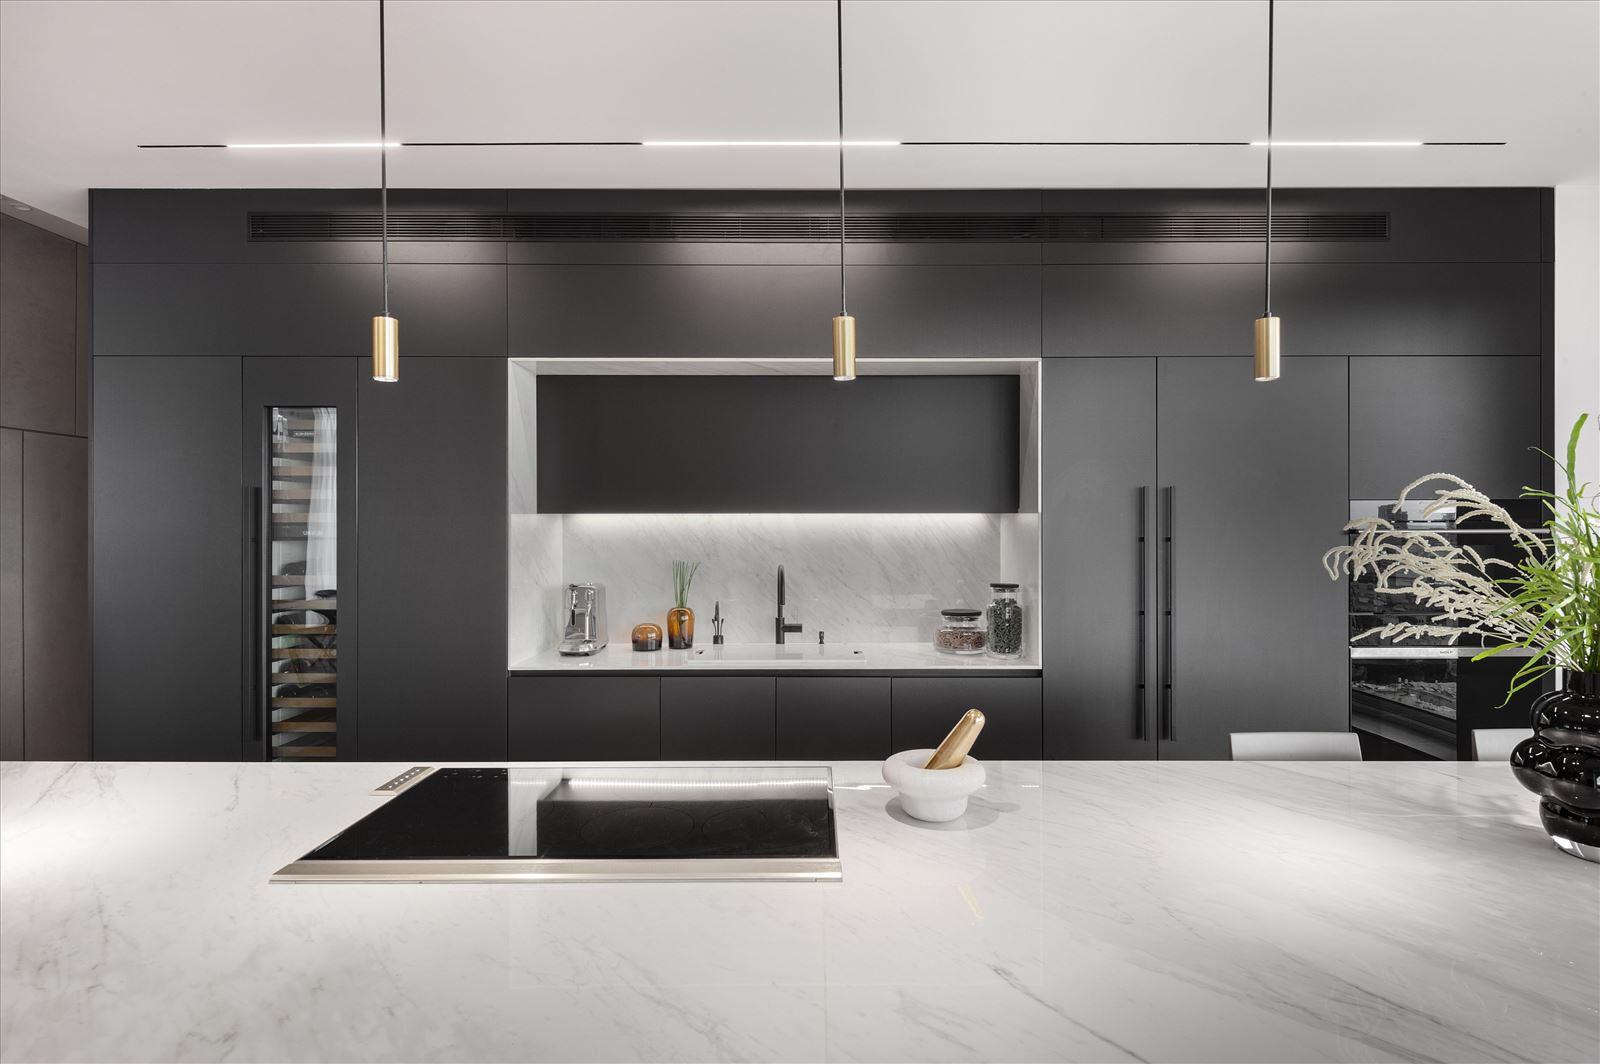 פרויקט תאורה - Duplex lighting